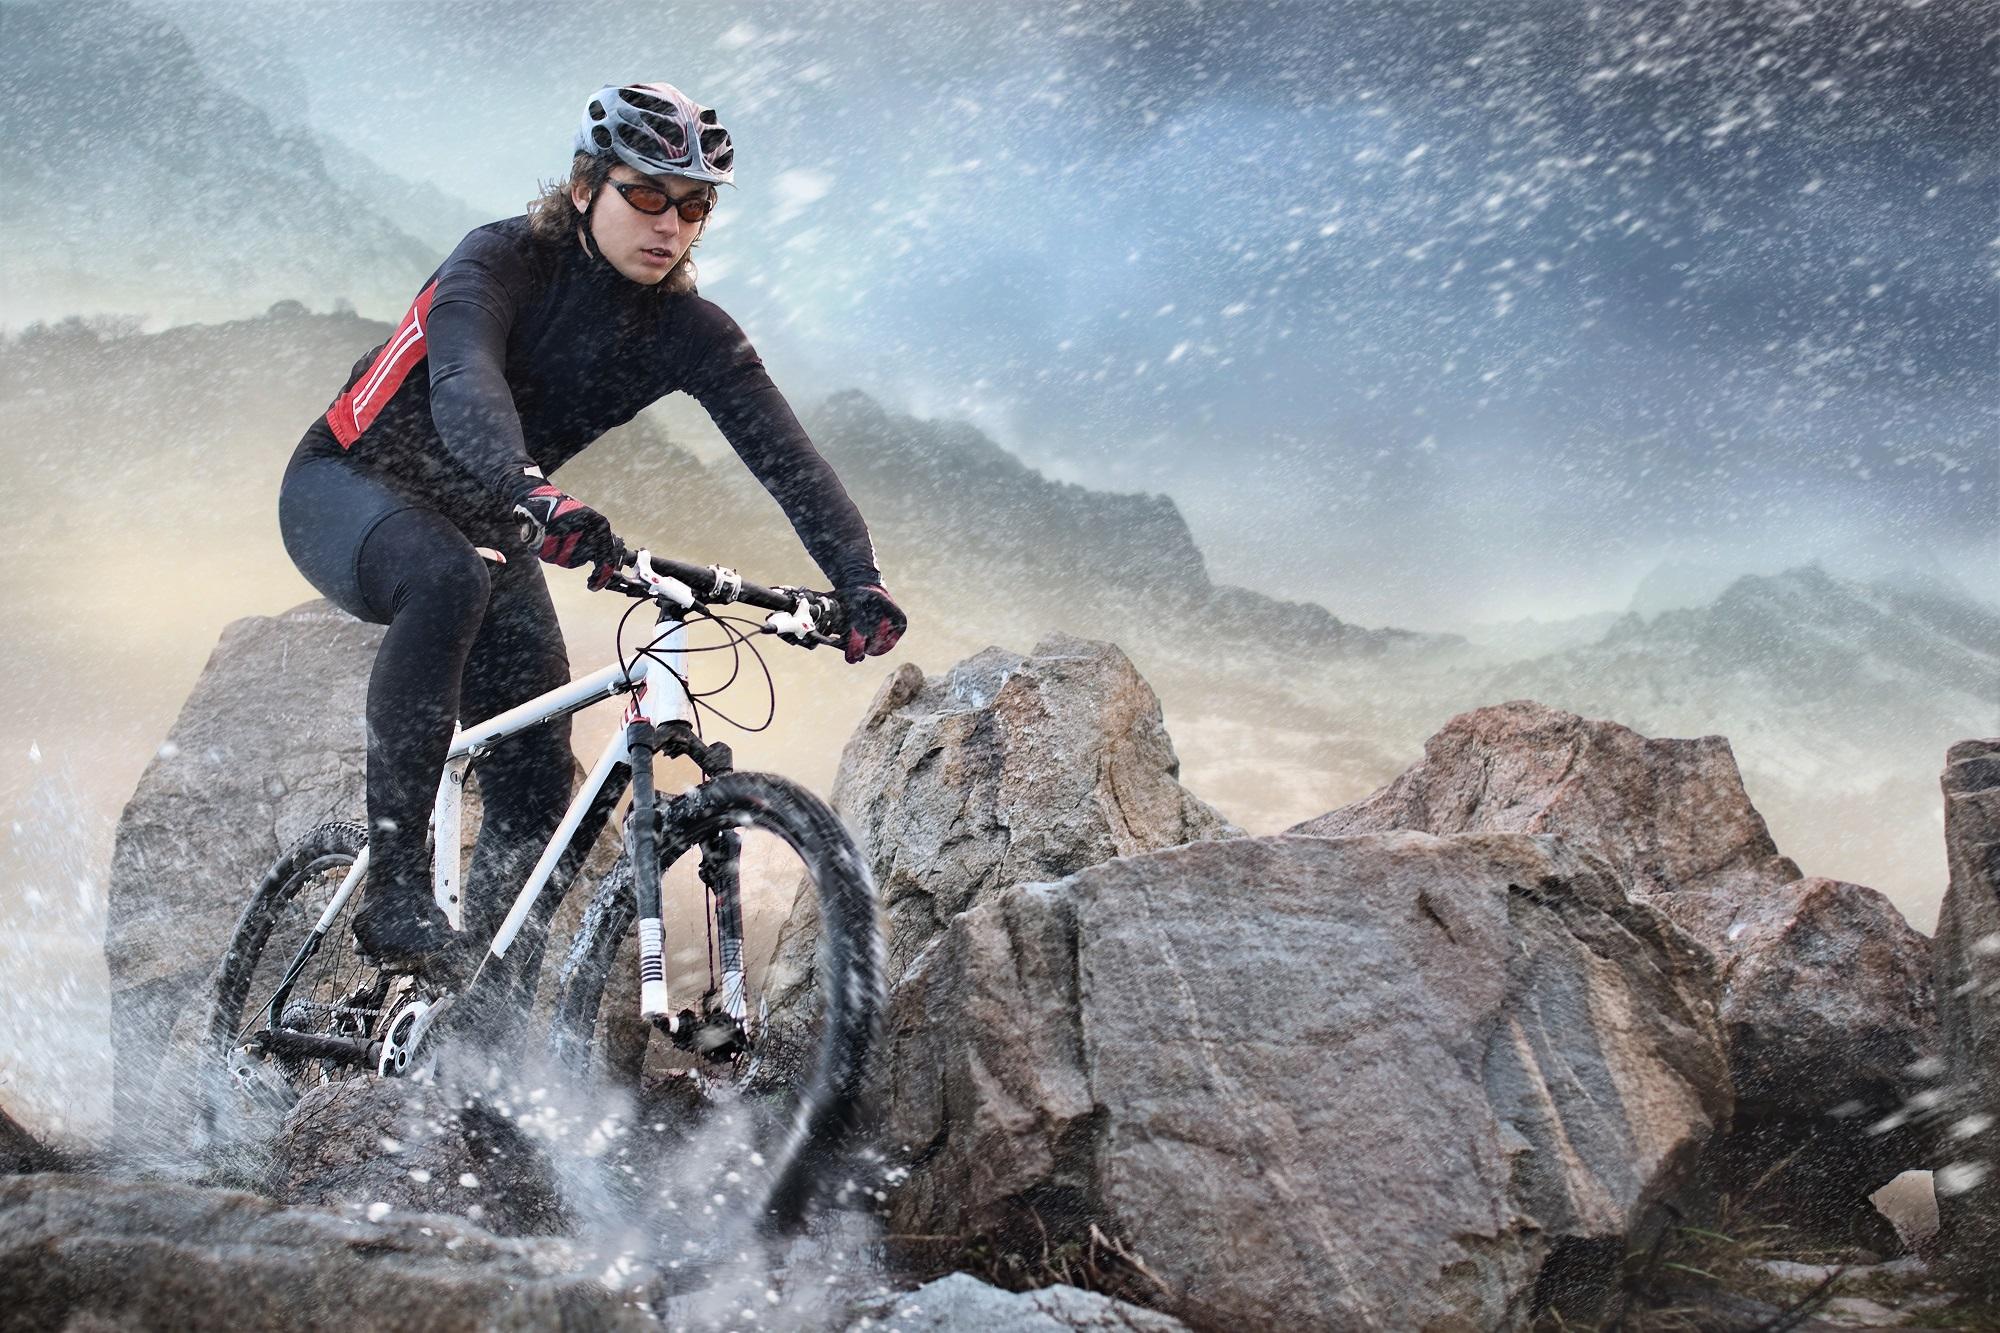 A może połączyć wizytę w SPA z męskim wypadem na górskie ścieżki rowerowe?